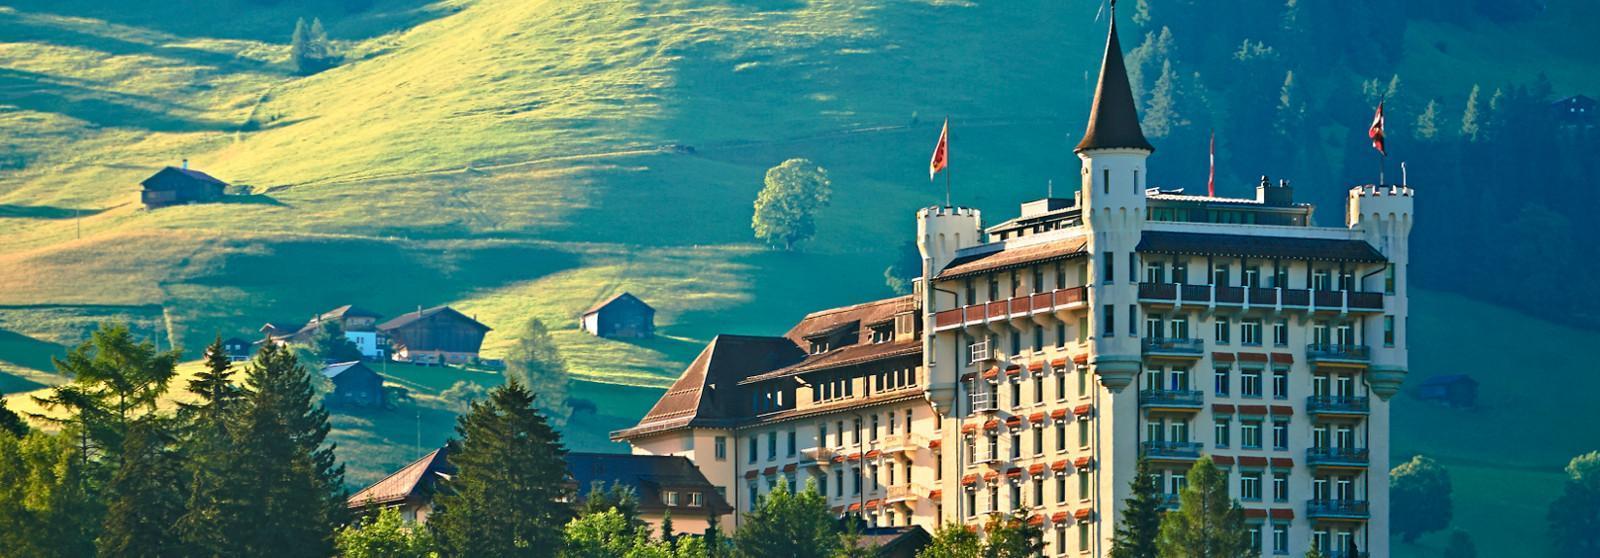 Gstaad Palace天然温泉水疗 酒店  www.lhw.cn